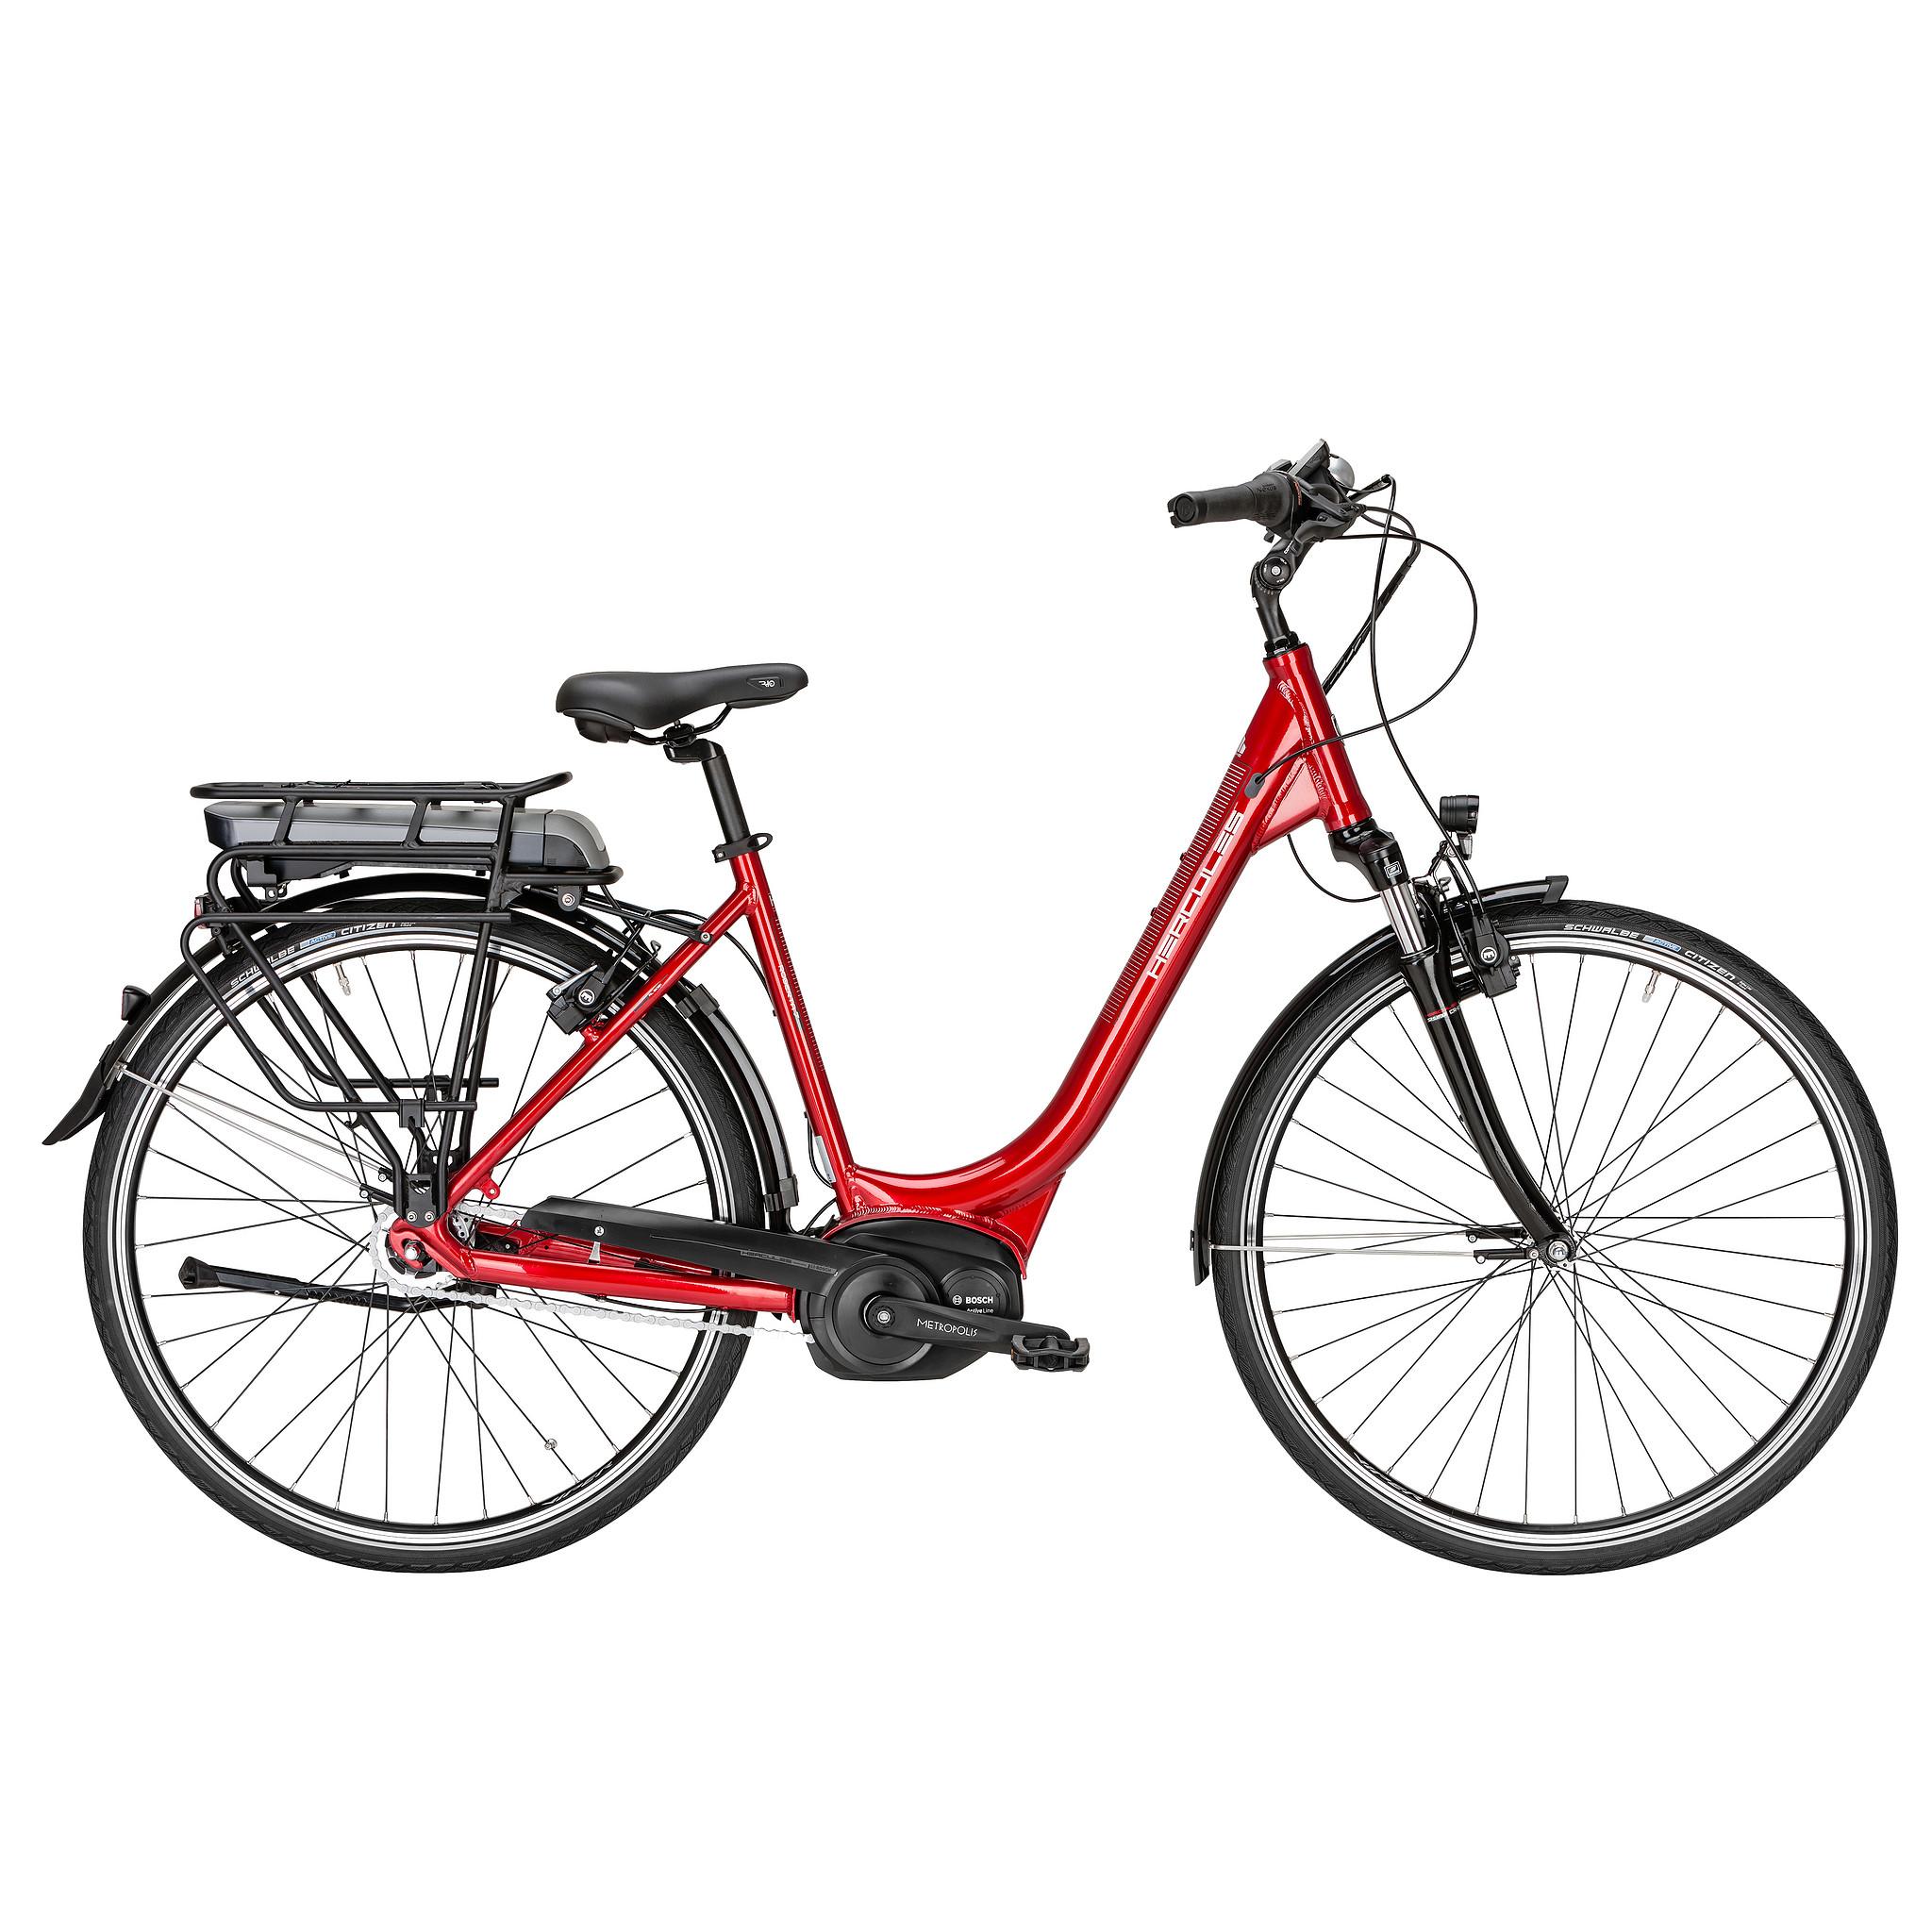 Hercules Elektrische fiets Roberta F7 dames rood 50cm 396 Watt Rood